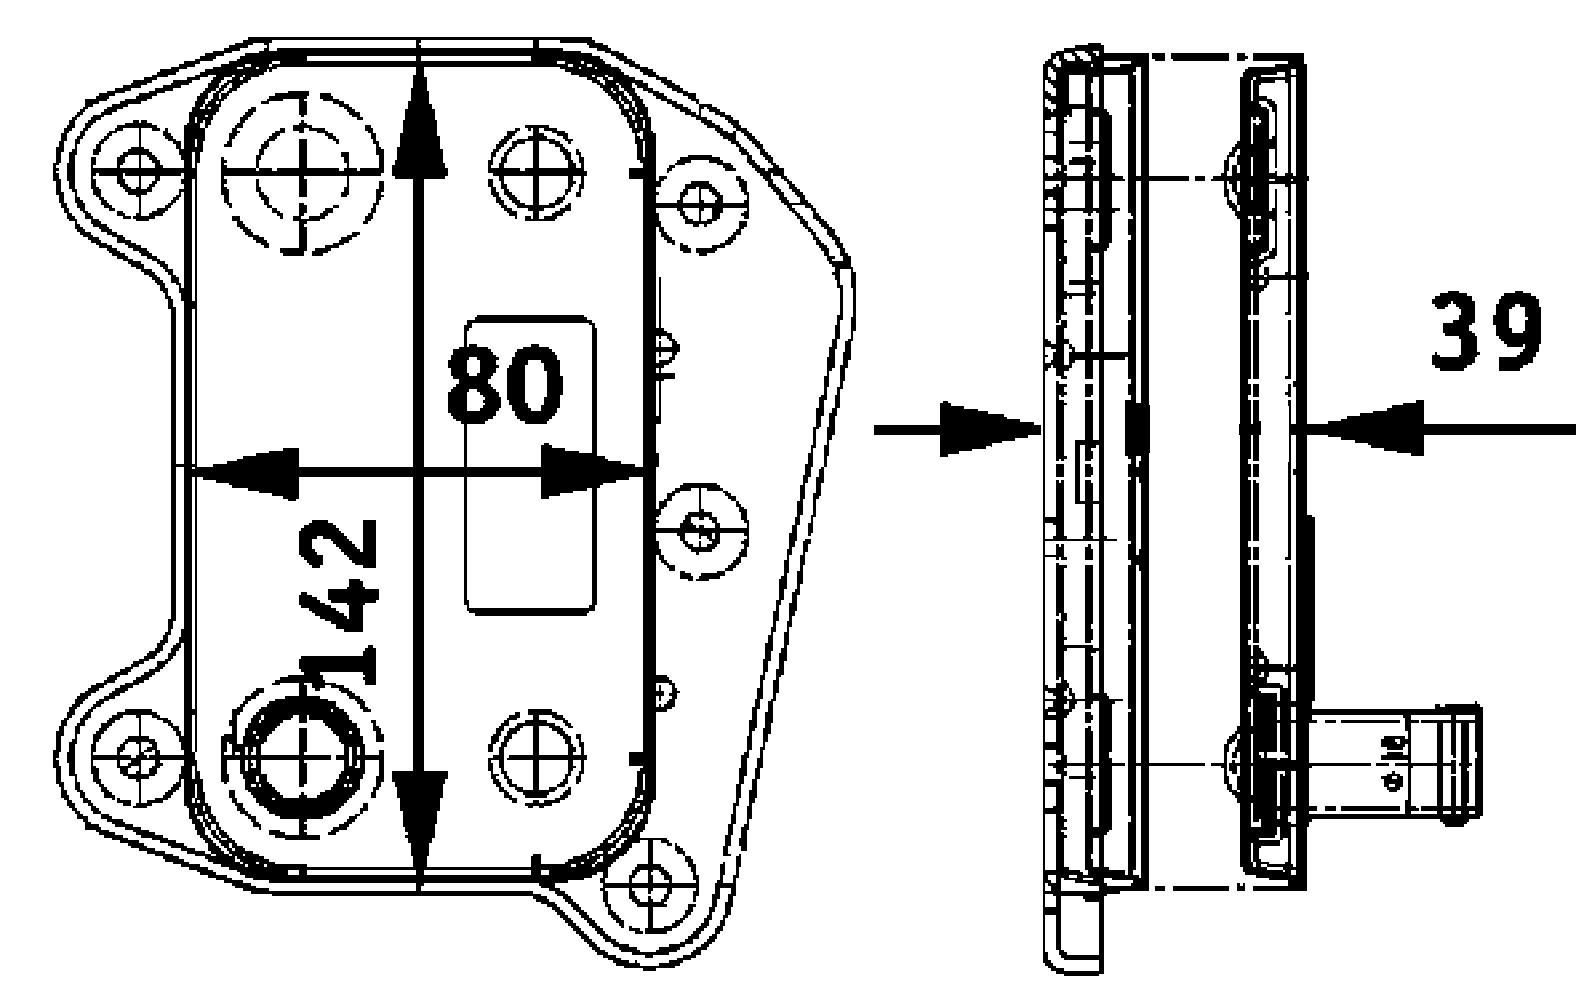 Hella 376726321 Oil Cooler Dodge Sprinter 2003-2006